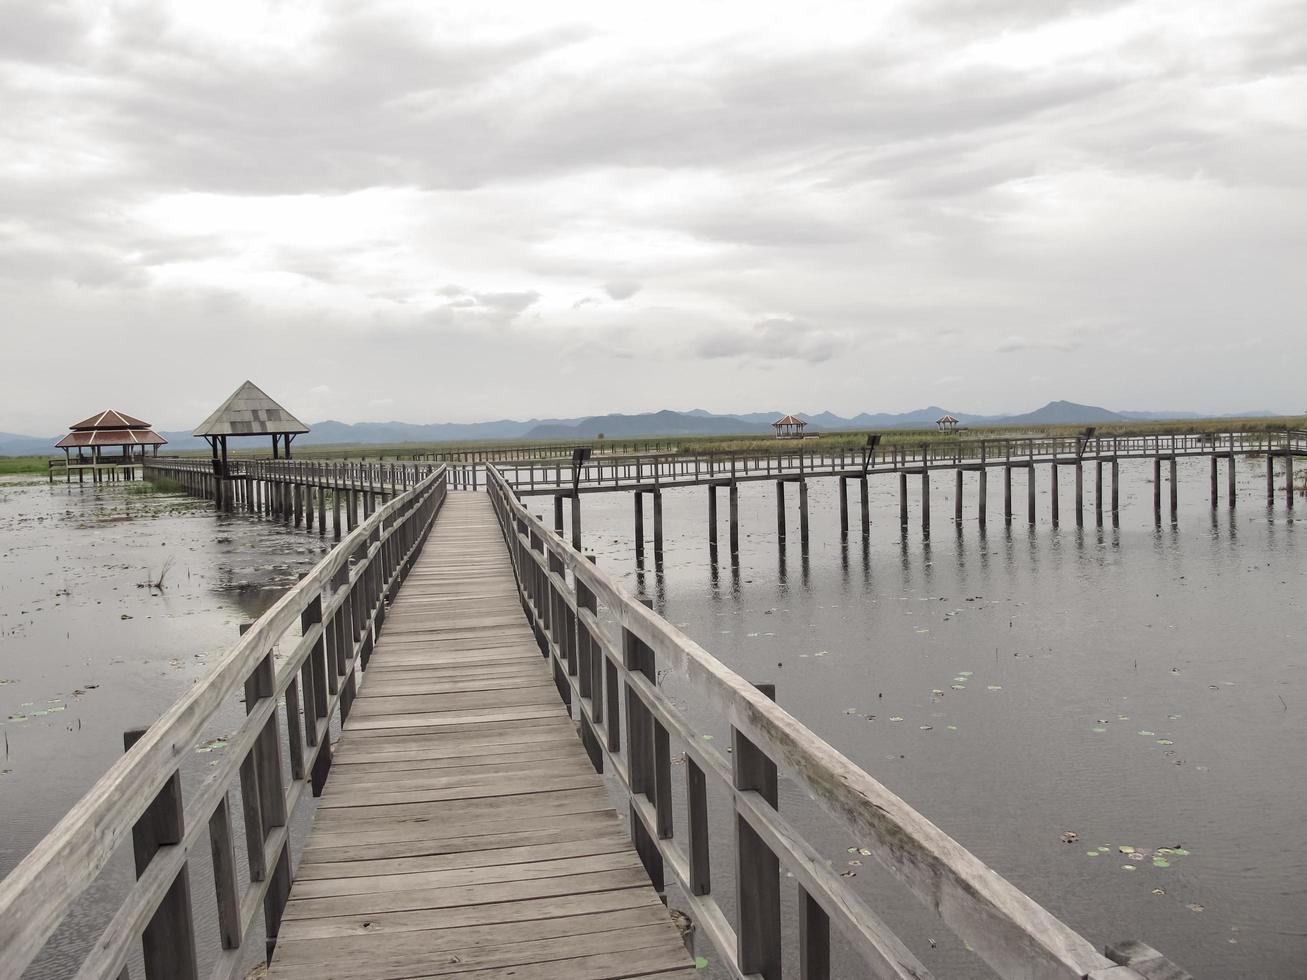 brug over het meer foto